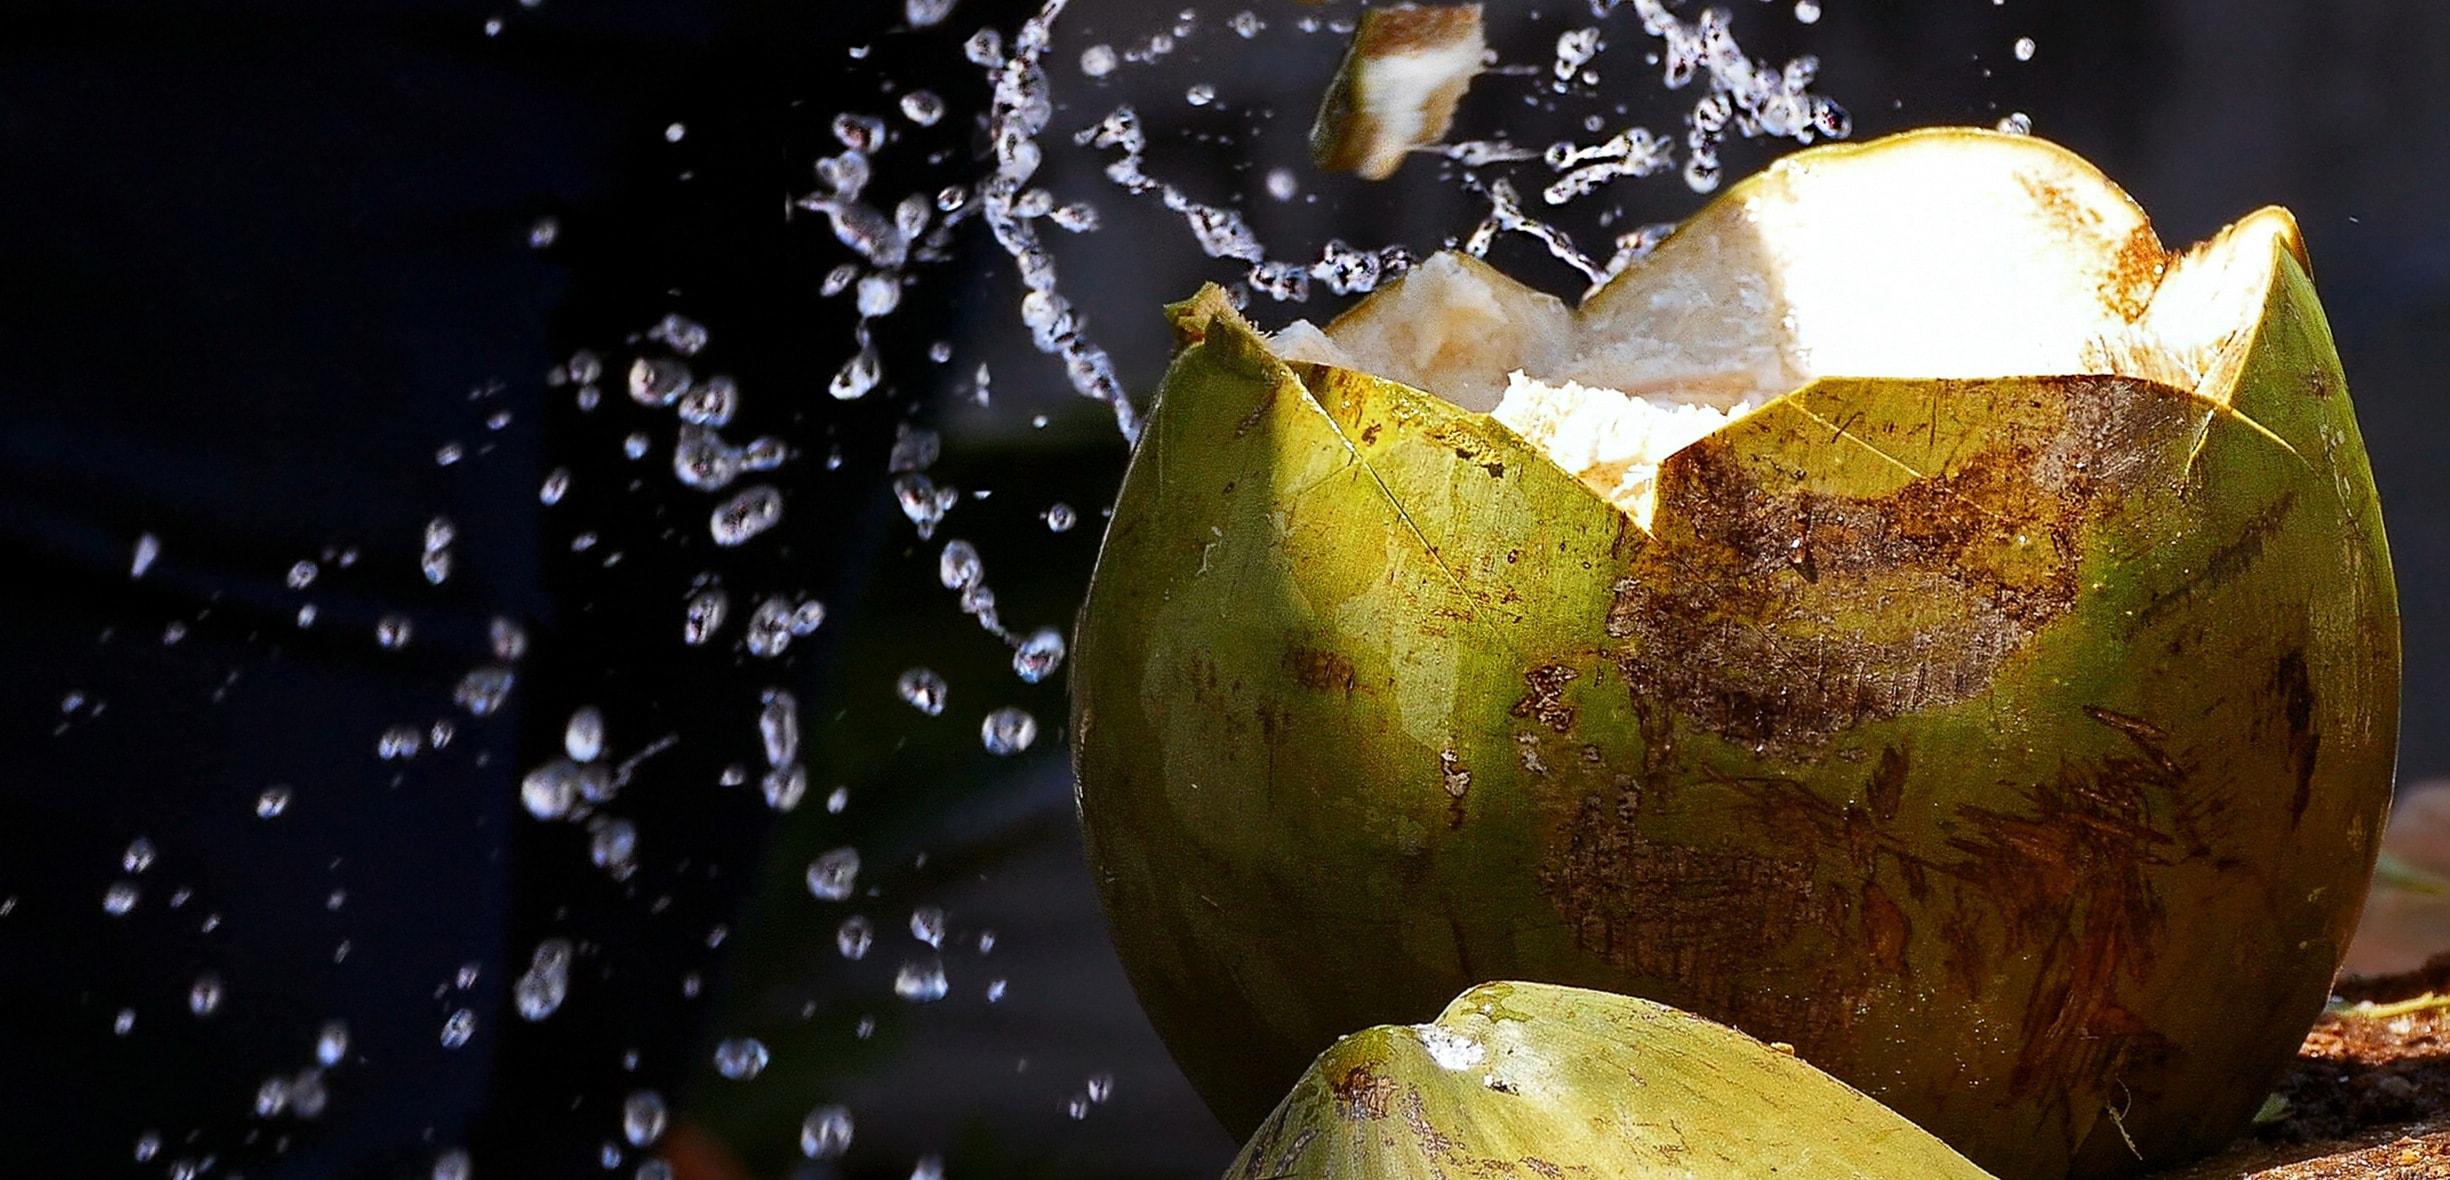 cocco proprietà, benefici e calorie